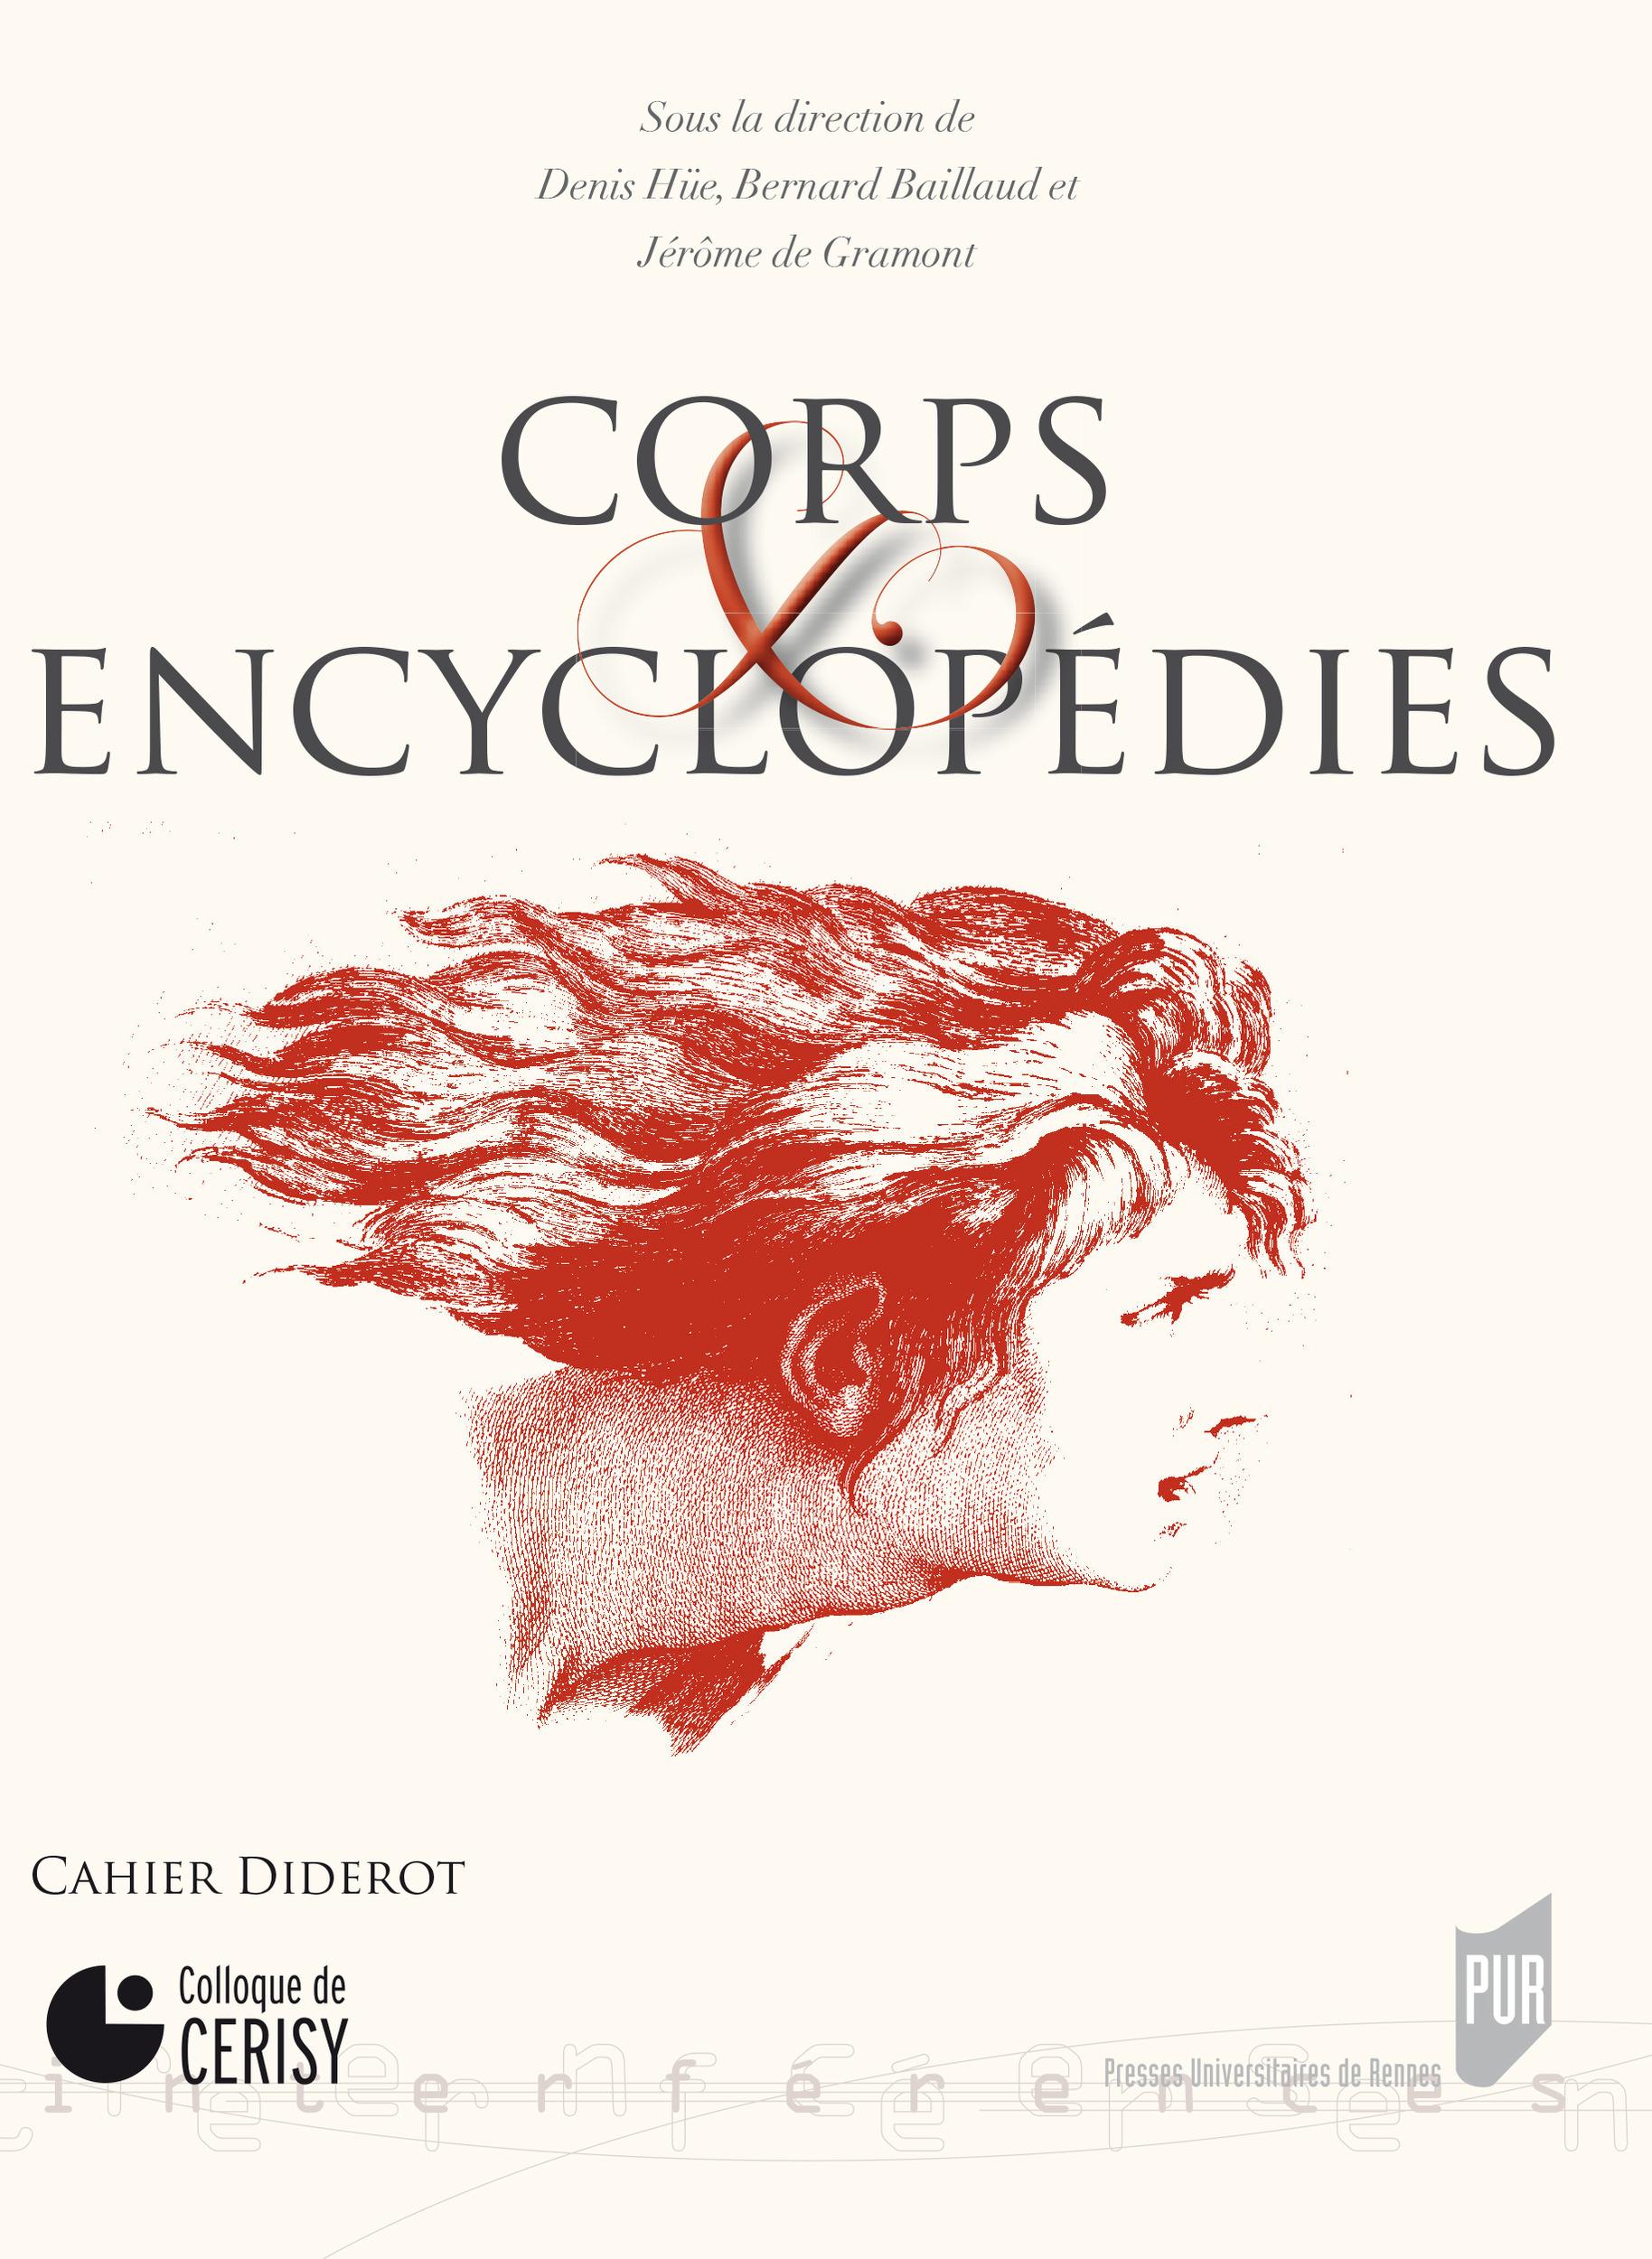 Corps et encyclopédies  - Jérôme de Gramont  - Denis Hüe  - Bernard Baillaud